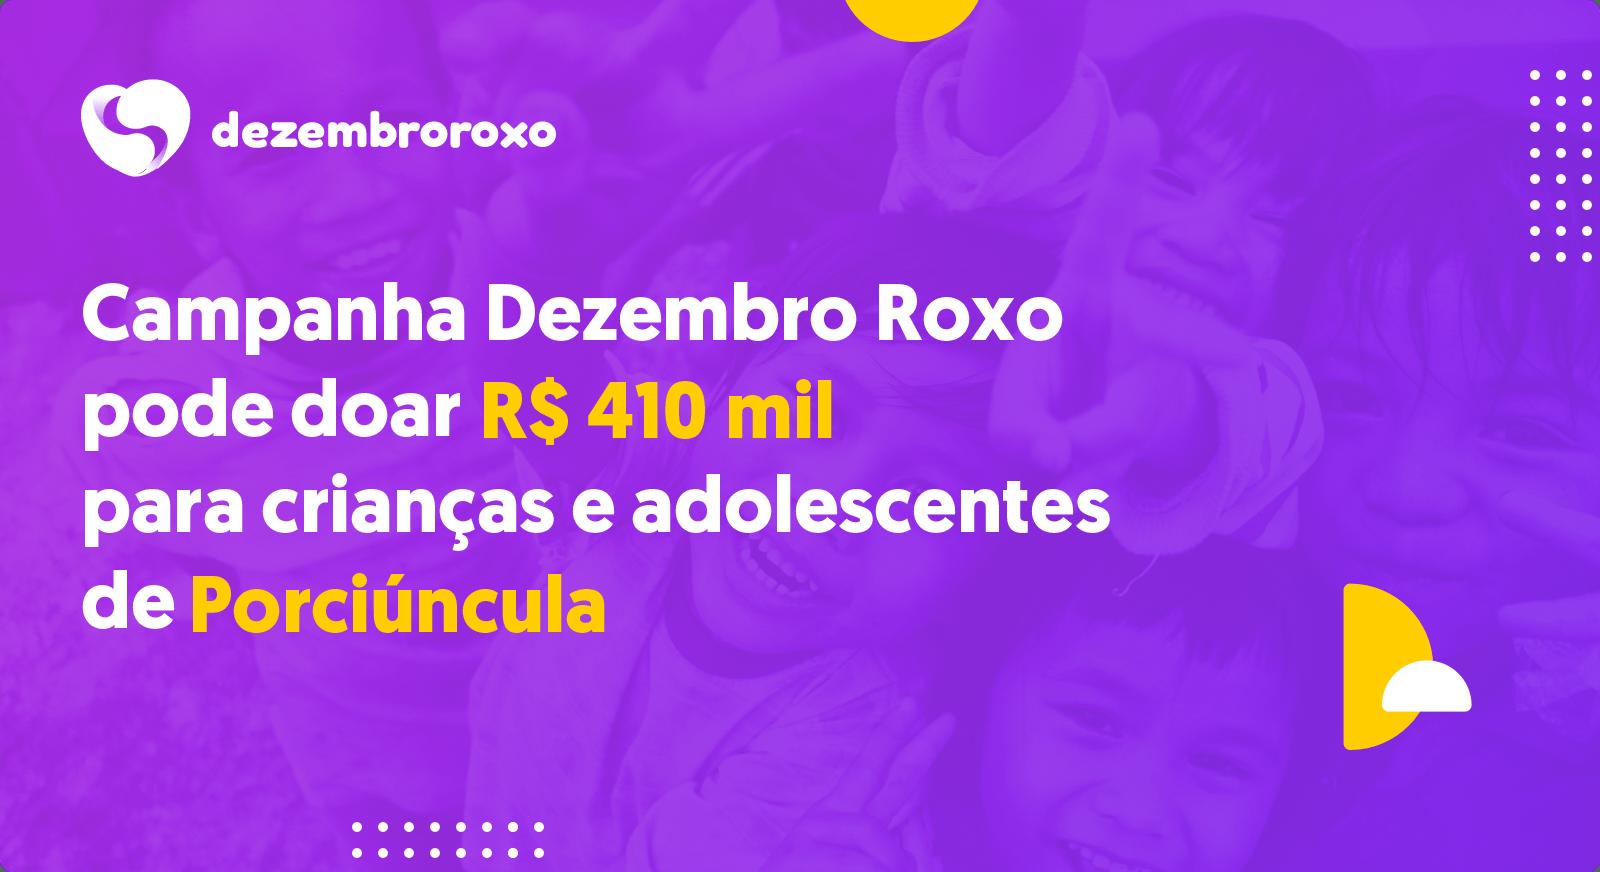 Doações em Porciúncula - RJ